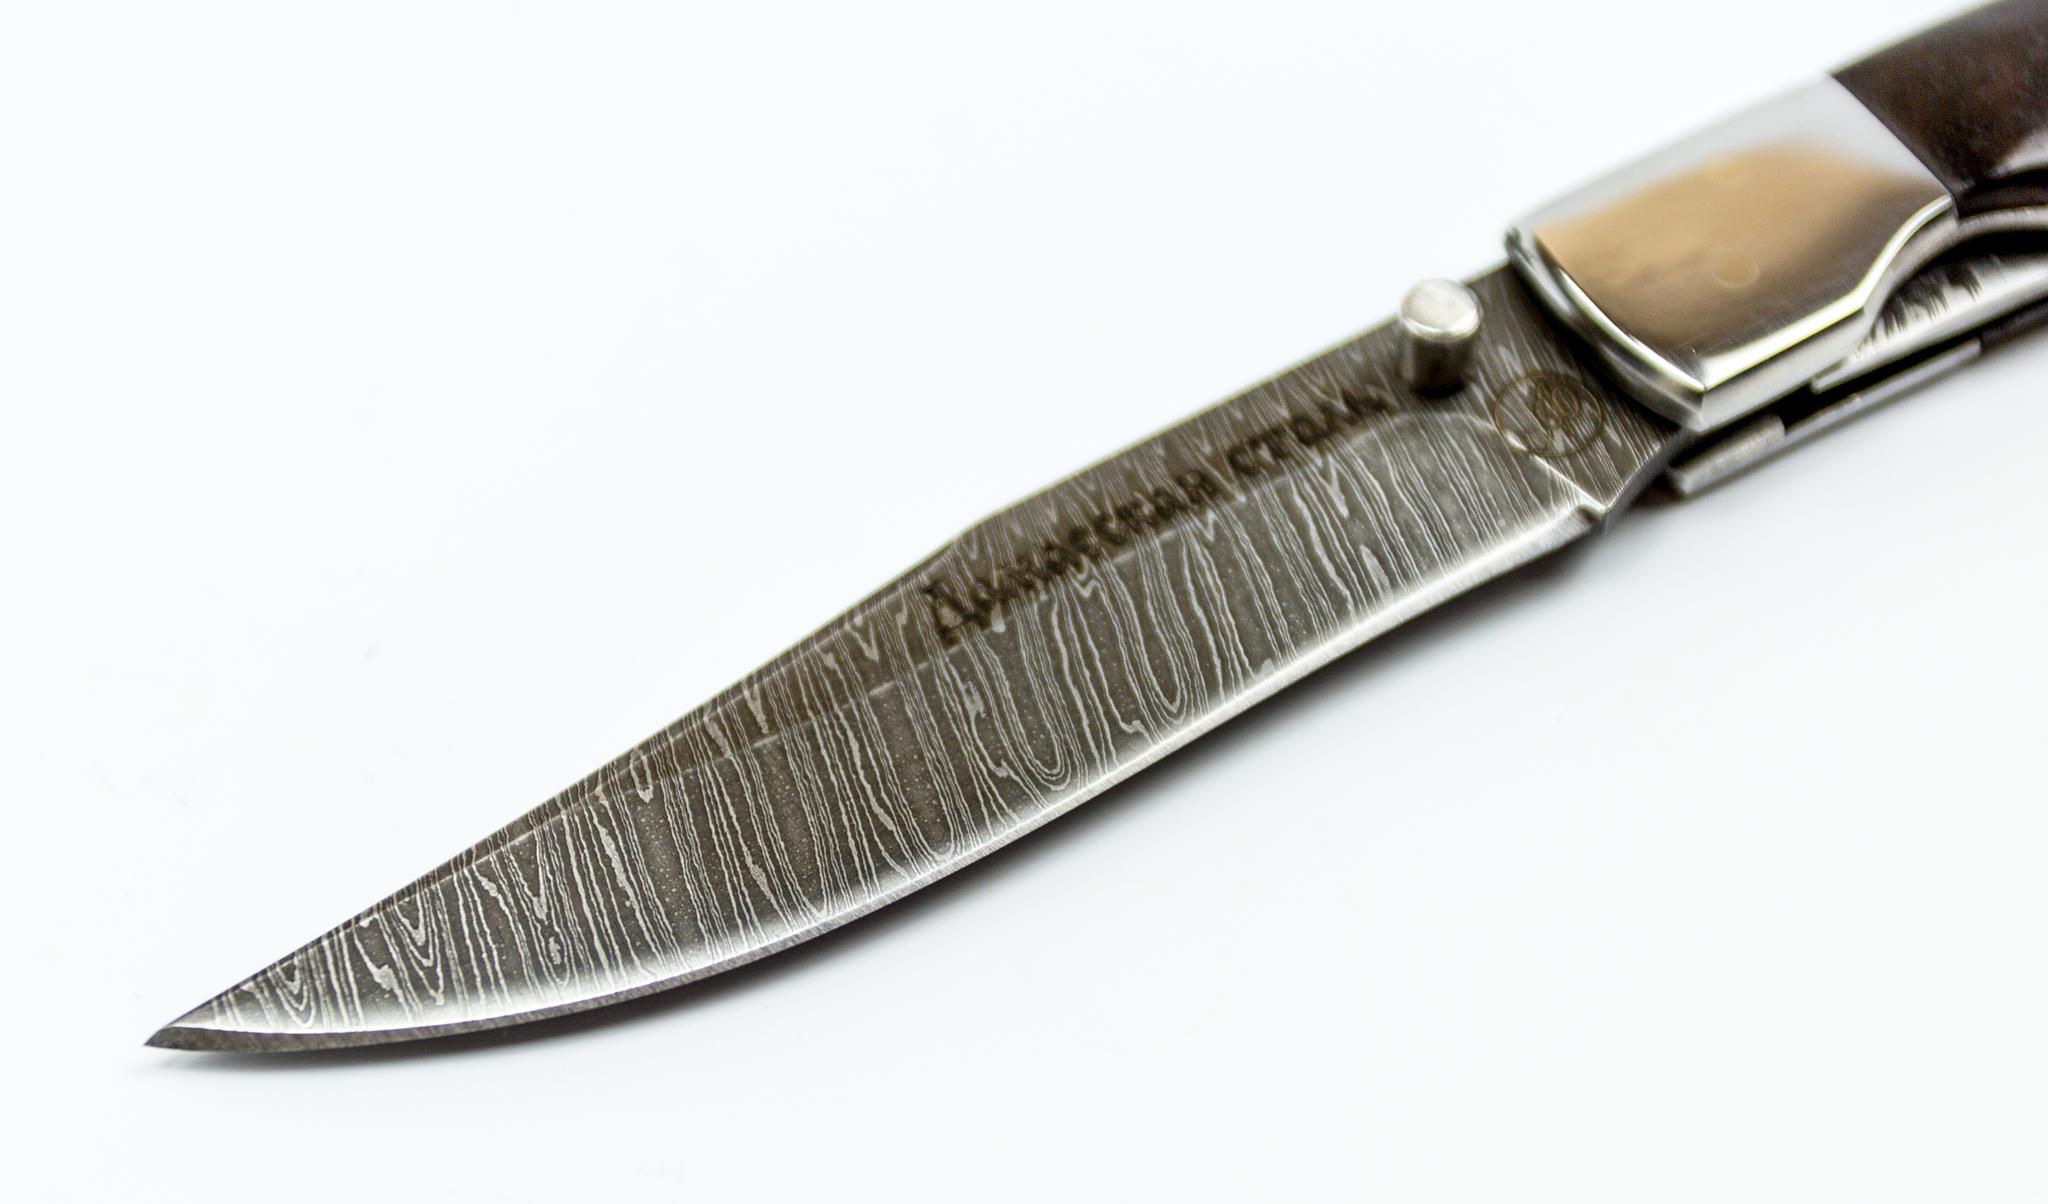 Фото 5 - Складной нож Рысь-1, дамаск